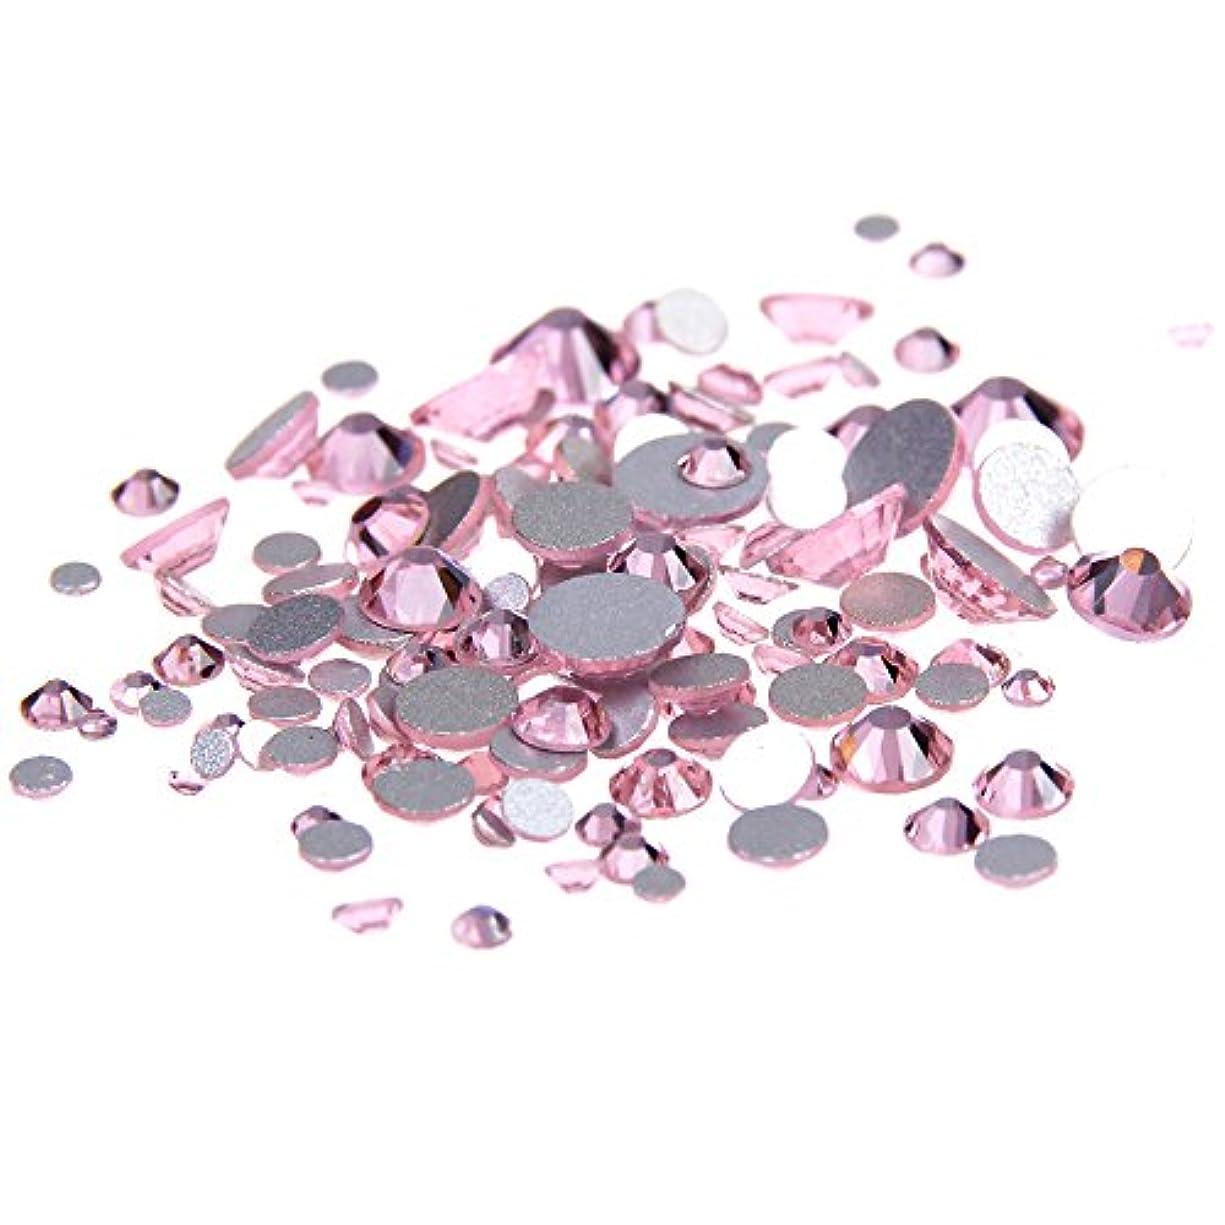 貧困プロジェクターファーザーファージュNizi ジュエリー ブランド ライトローズ ラインストーン は ガラスの材質 ネイル使用 型番ss3-ss34 (SS12 1440pcs)